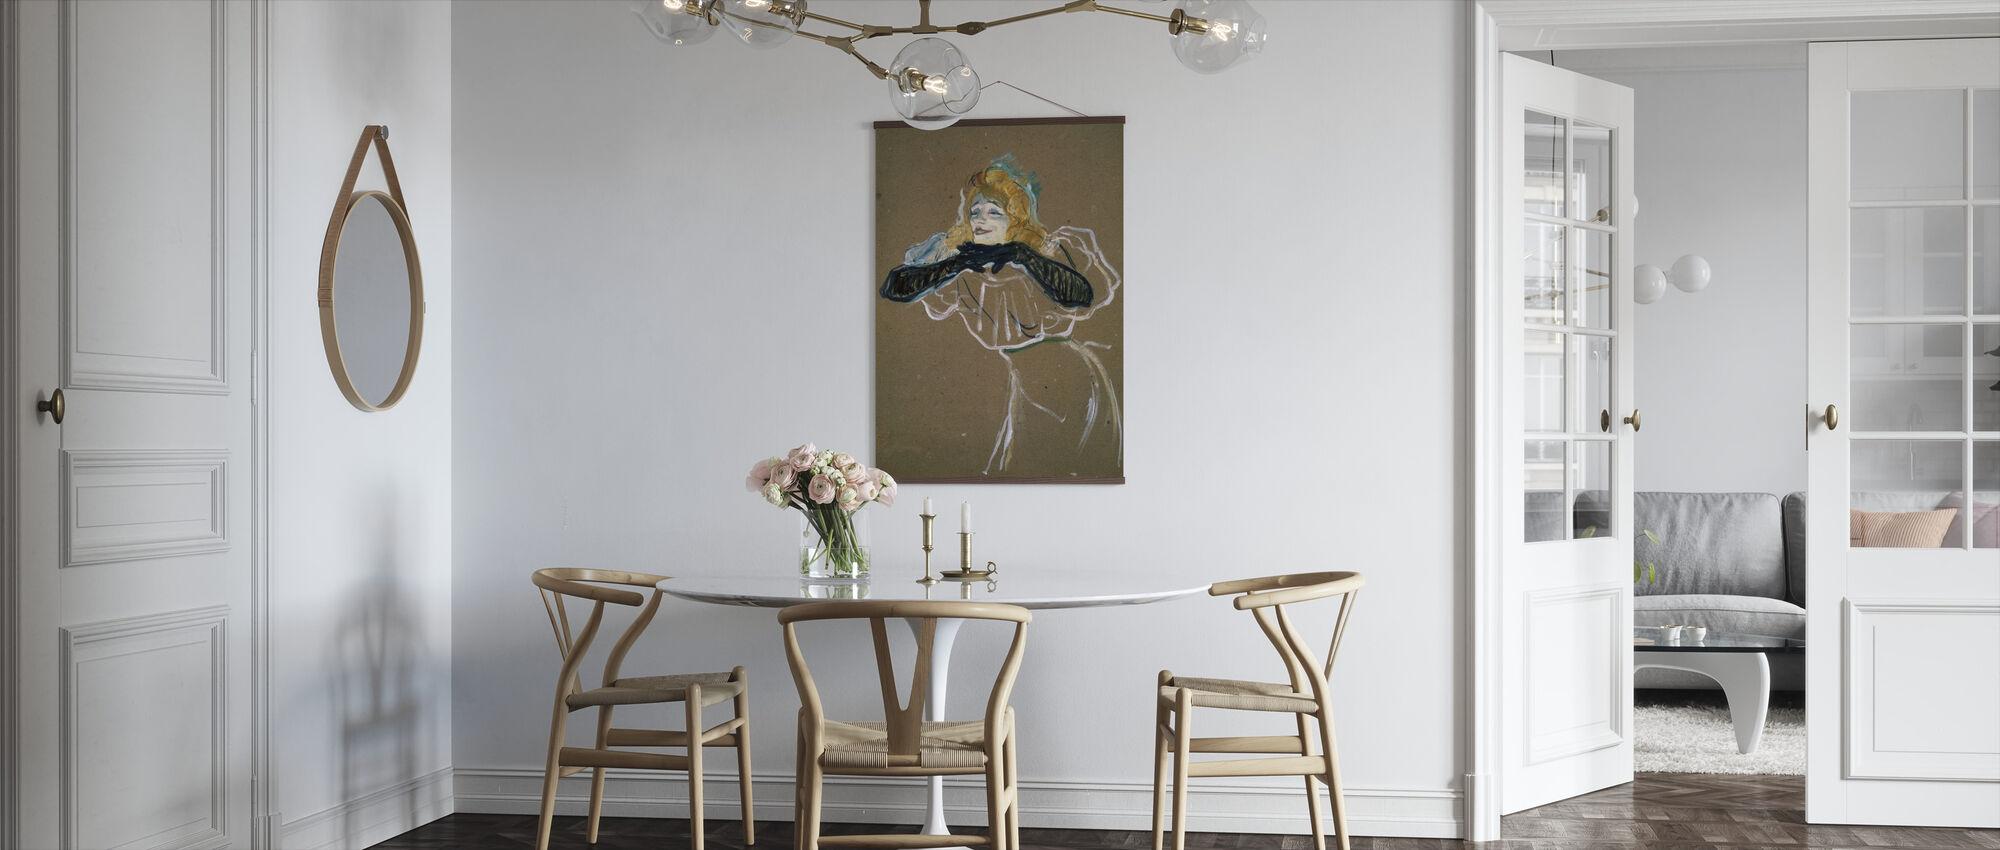 Sangeren Yvette Guilbert - Henri de Toulouse-Lautrec - Plakat - Kjøkken